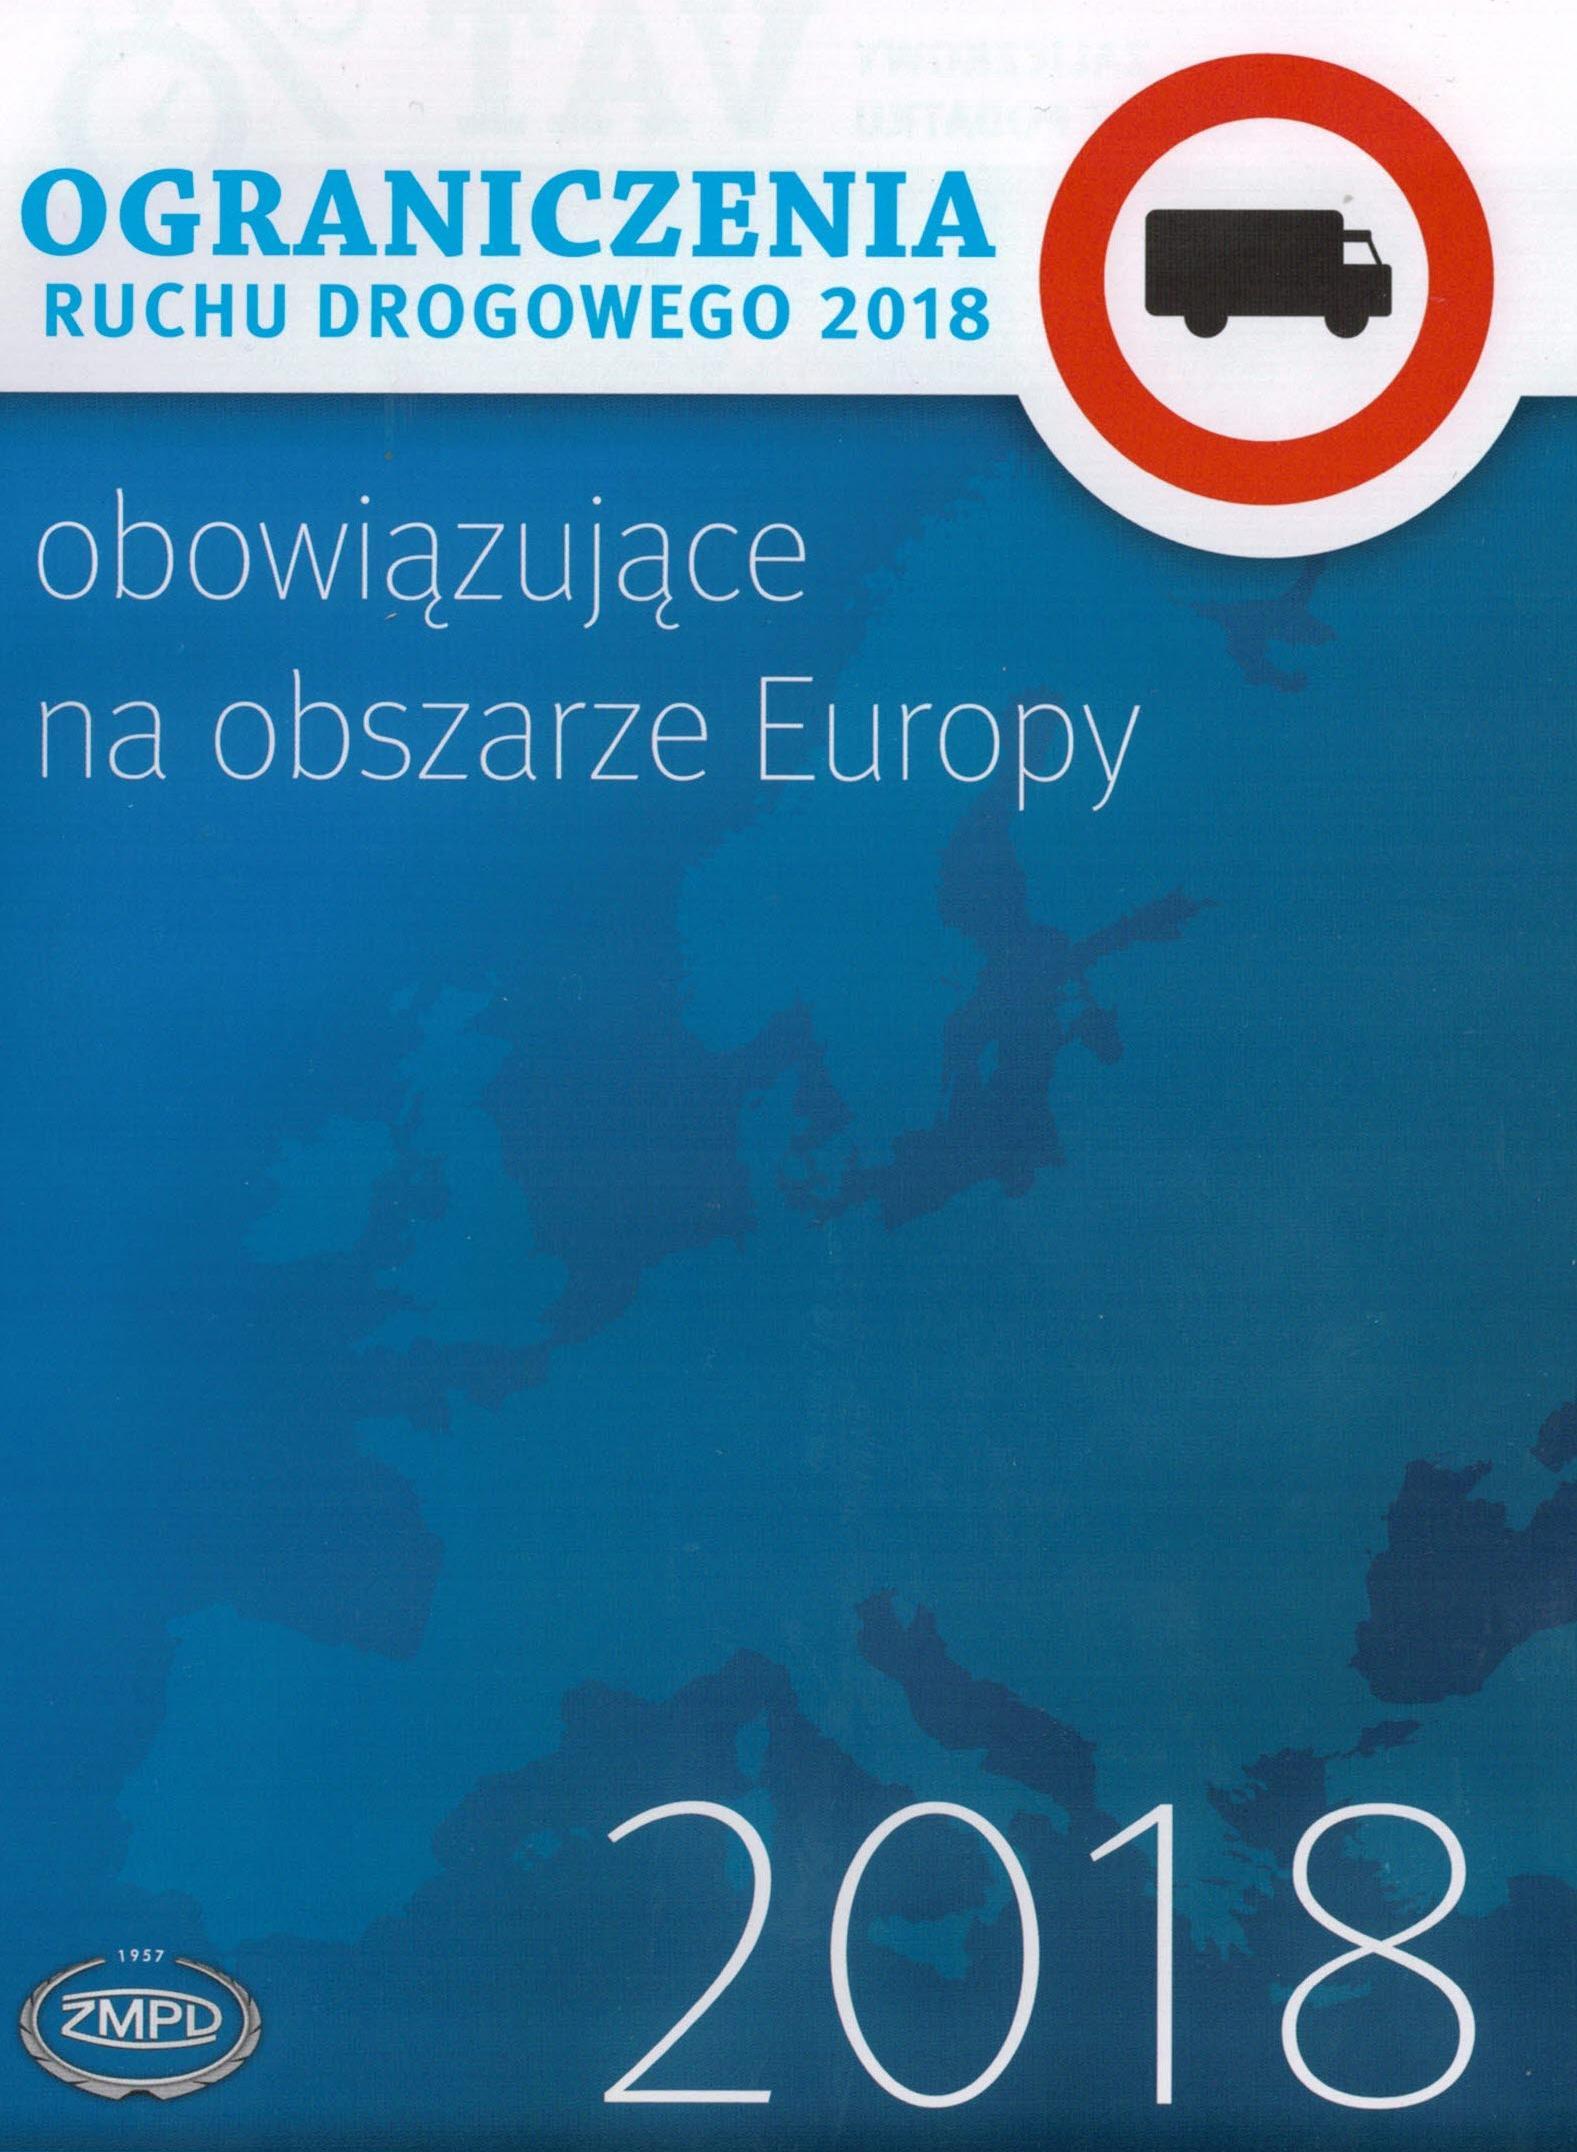 OGRANICZENIA 2018